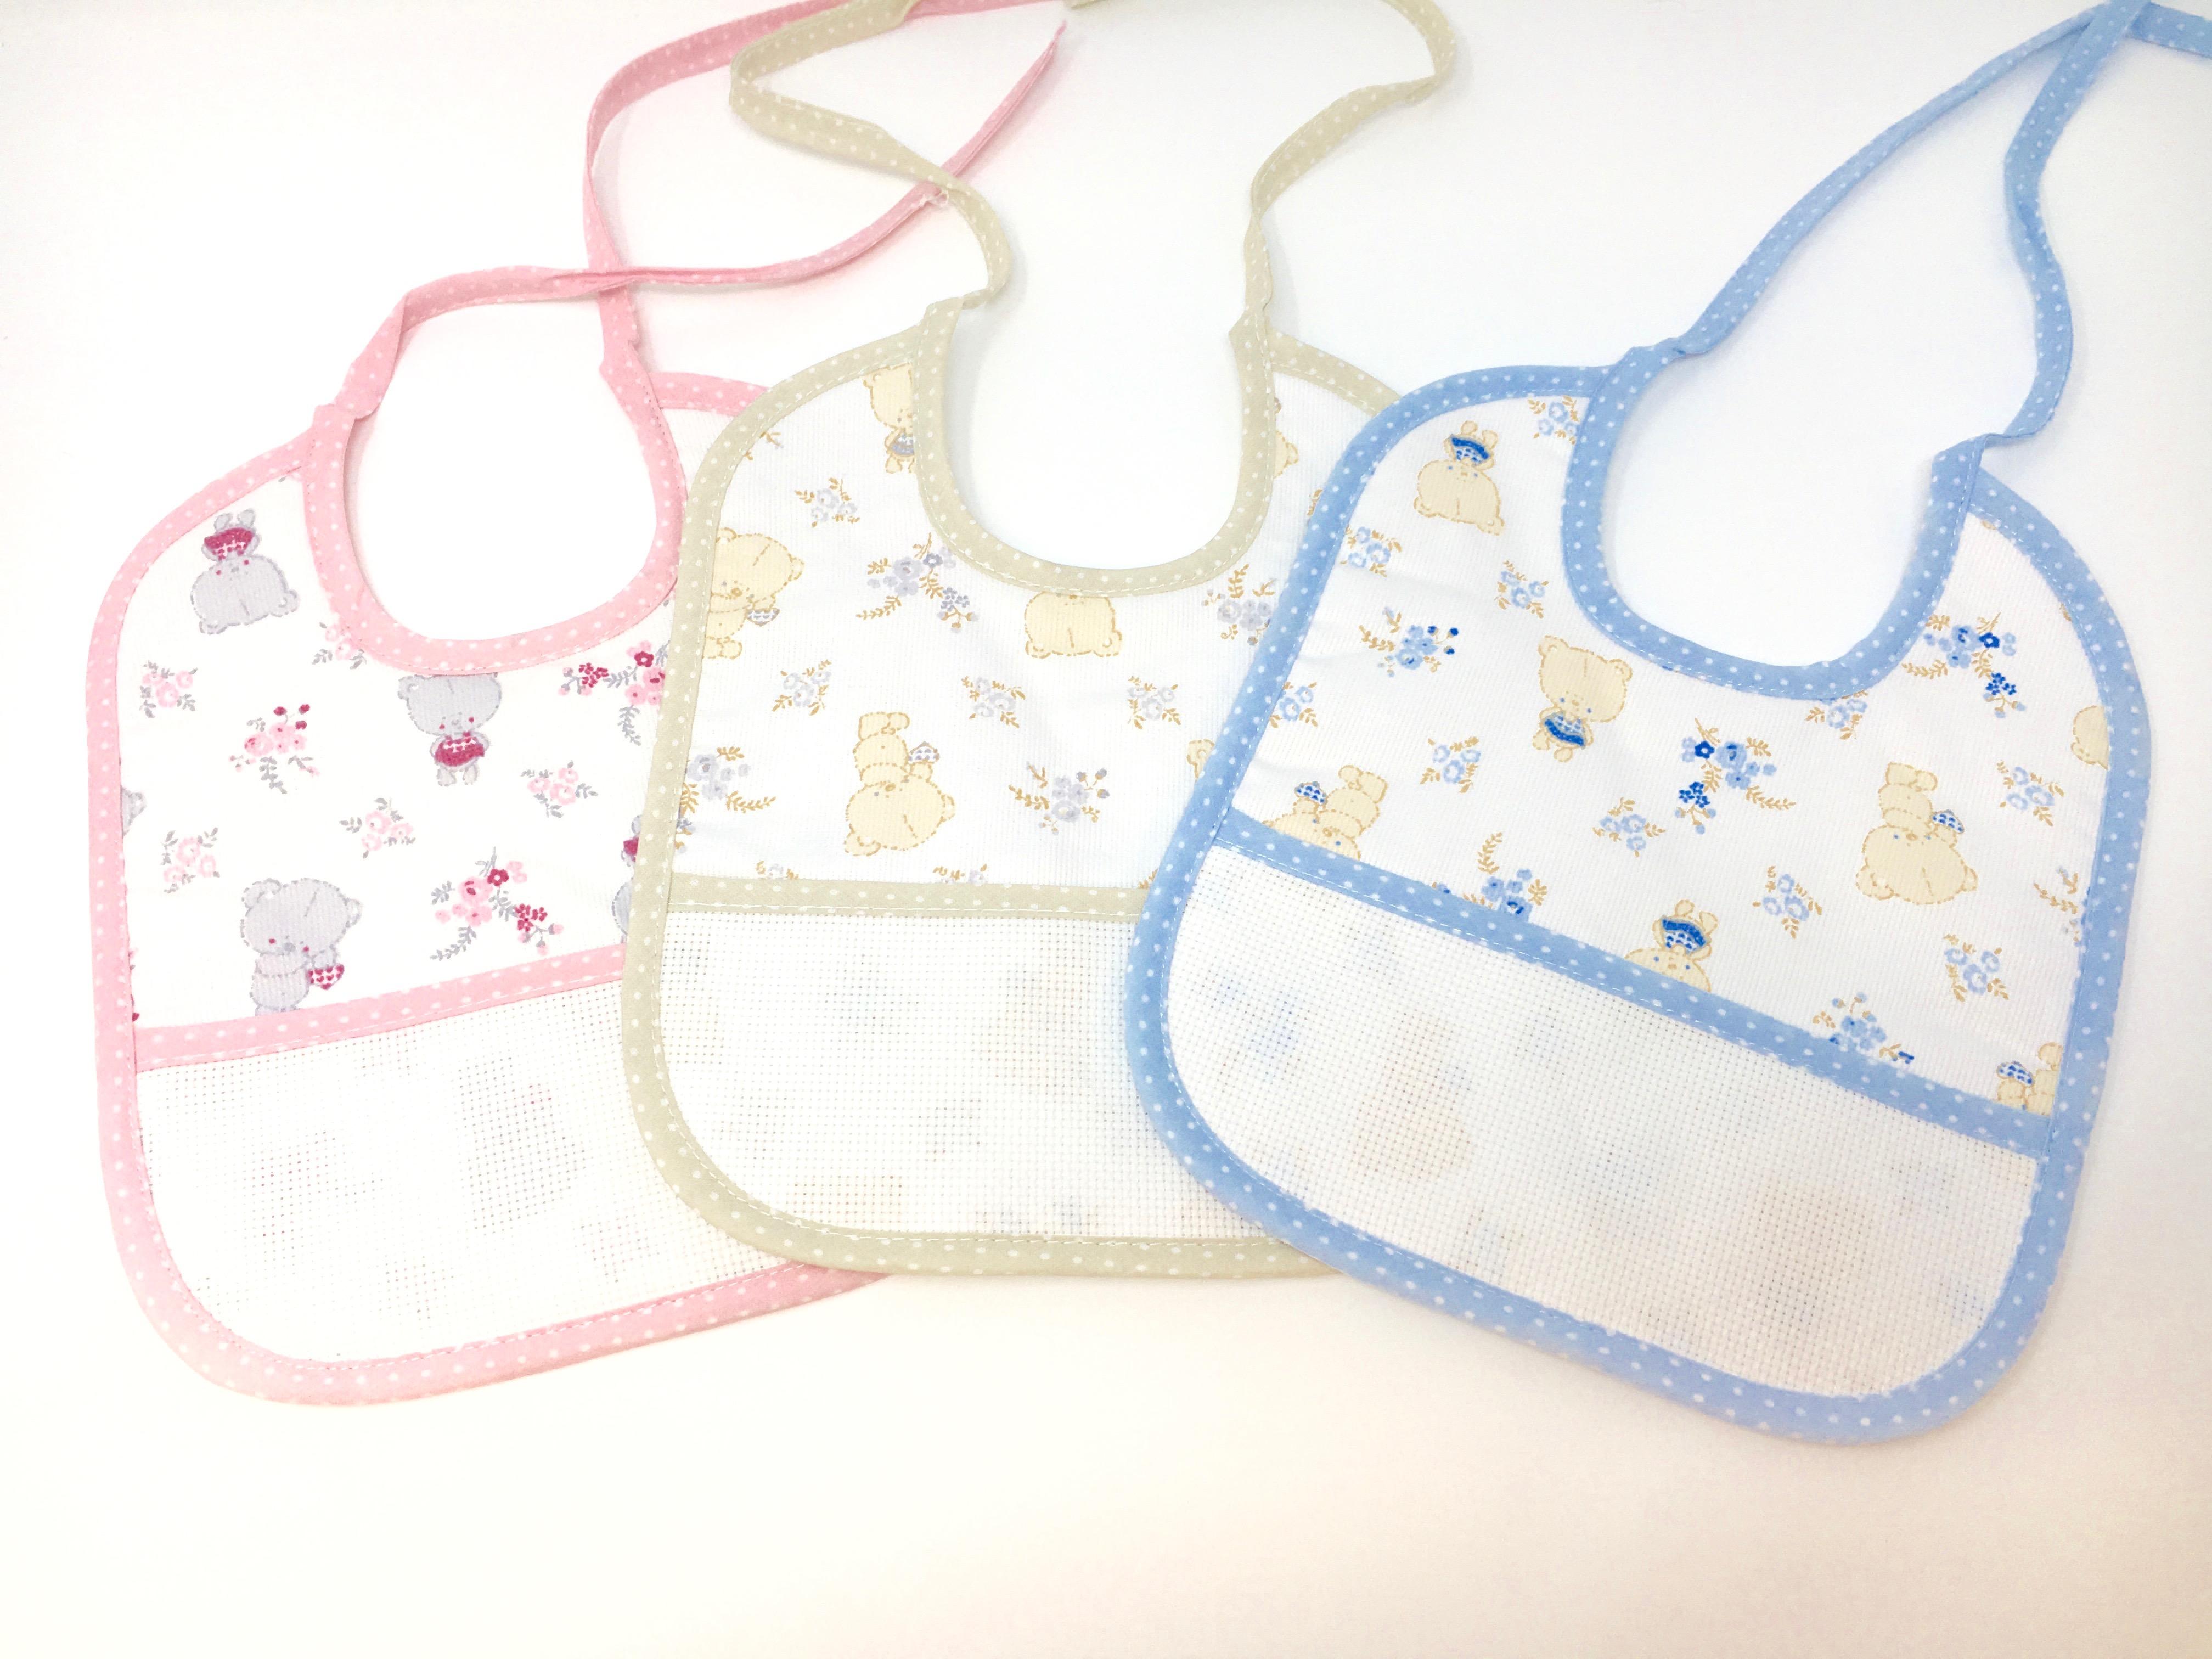 Portaciuccio da ricamare in cotone neonato neonata inserto tela aida per ricamo